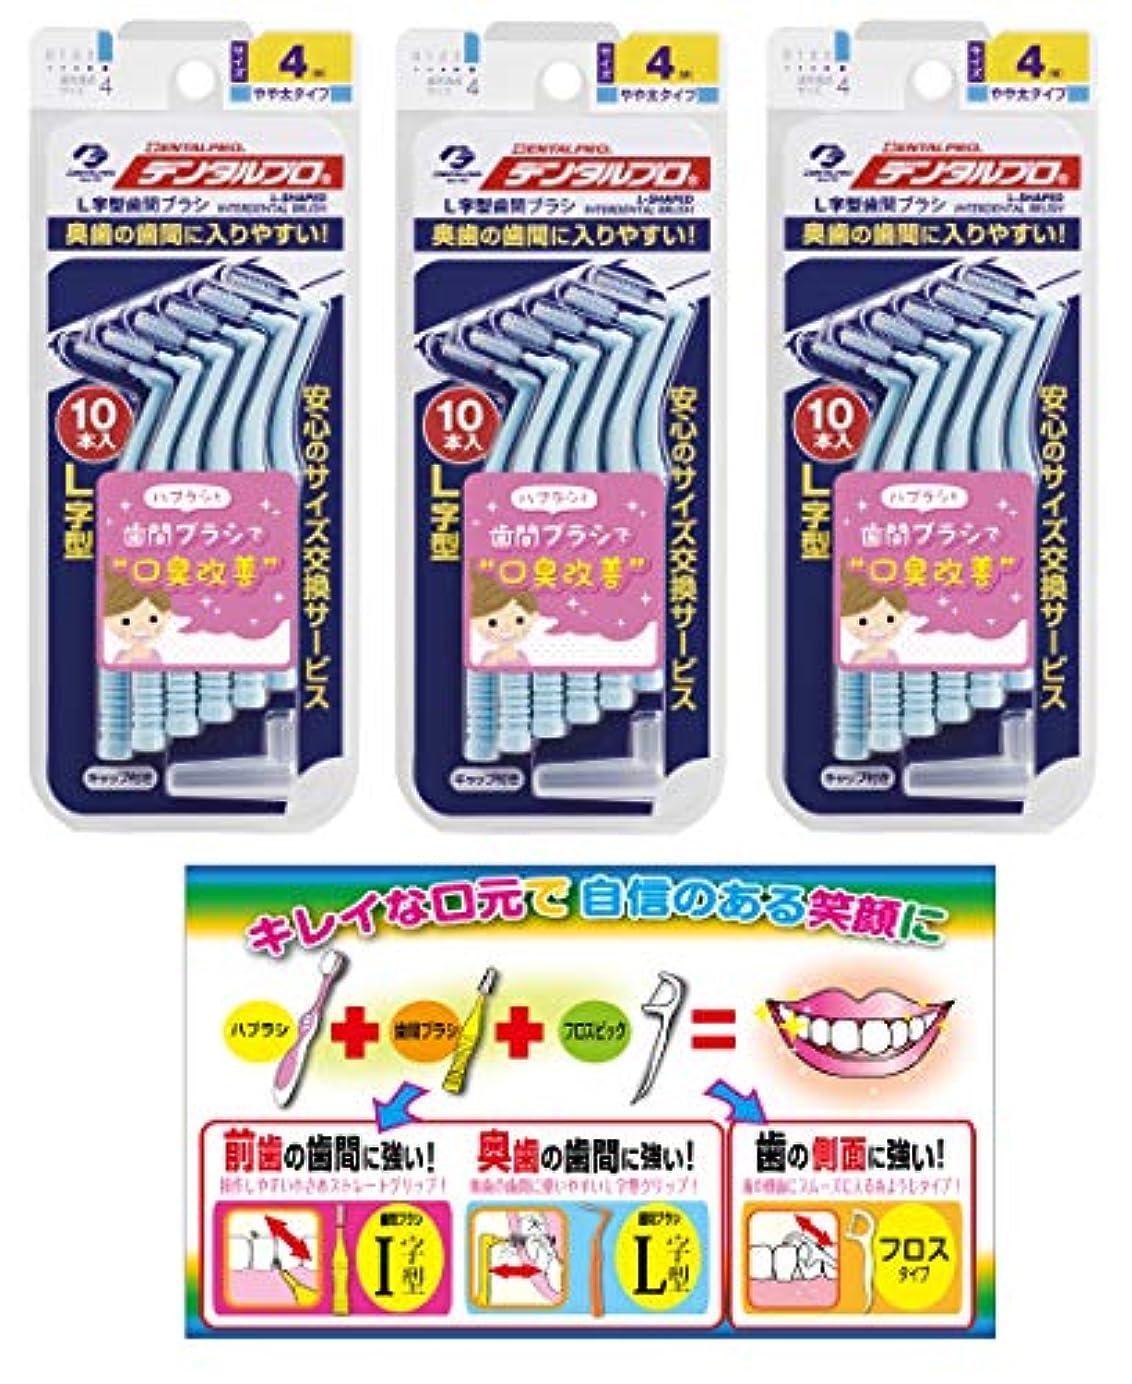 姪スパーク鋼【Amazon.co.jp限定】DP歯間ブラシL字型10本入サイズ4 3P+リーフレット